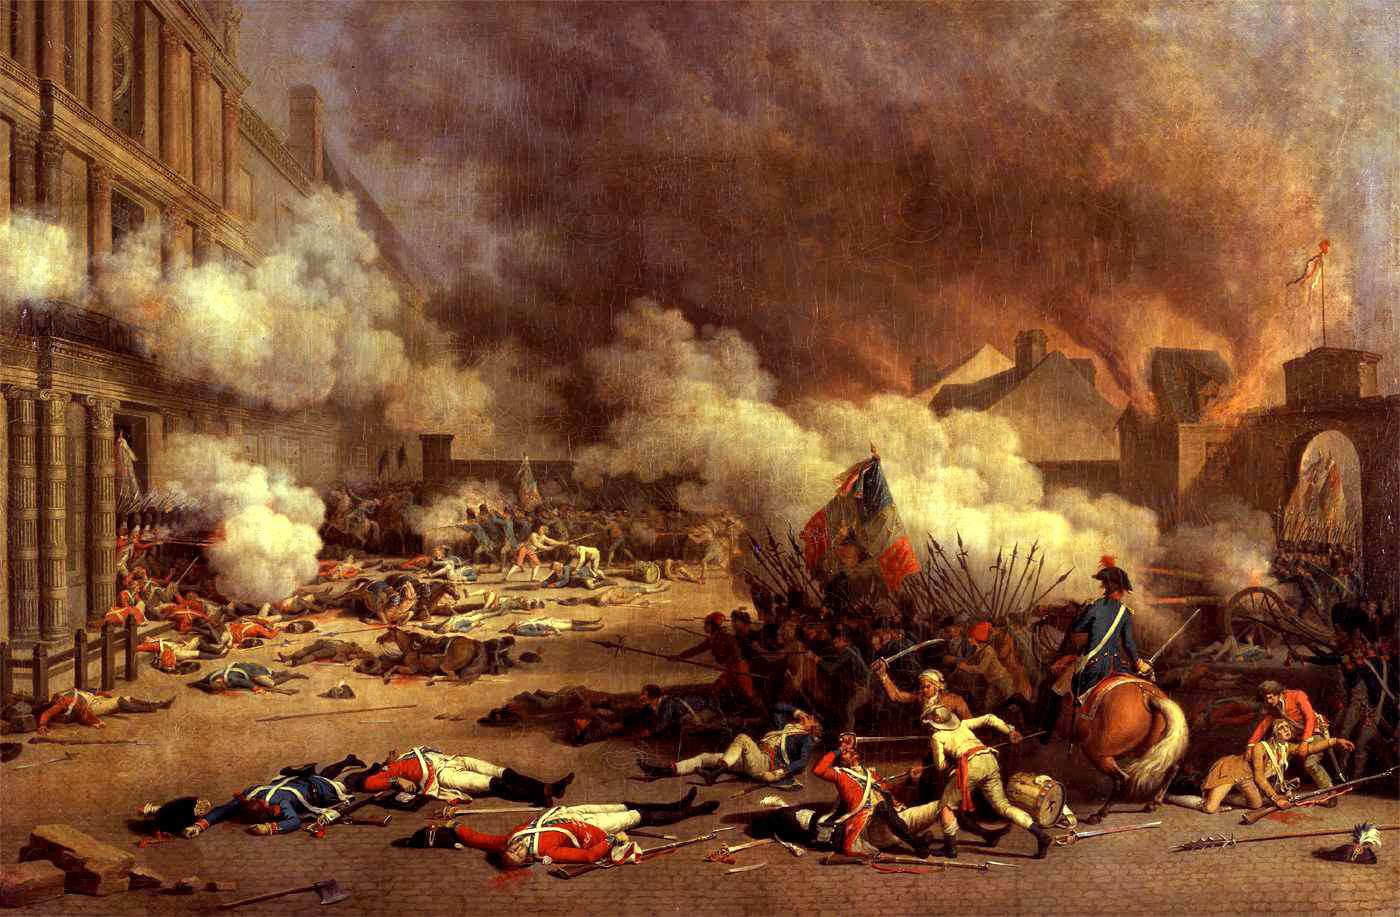 Jacques_Bertaux_-_Prise_du_palais_des_Tuileries_-_1793_.jpg